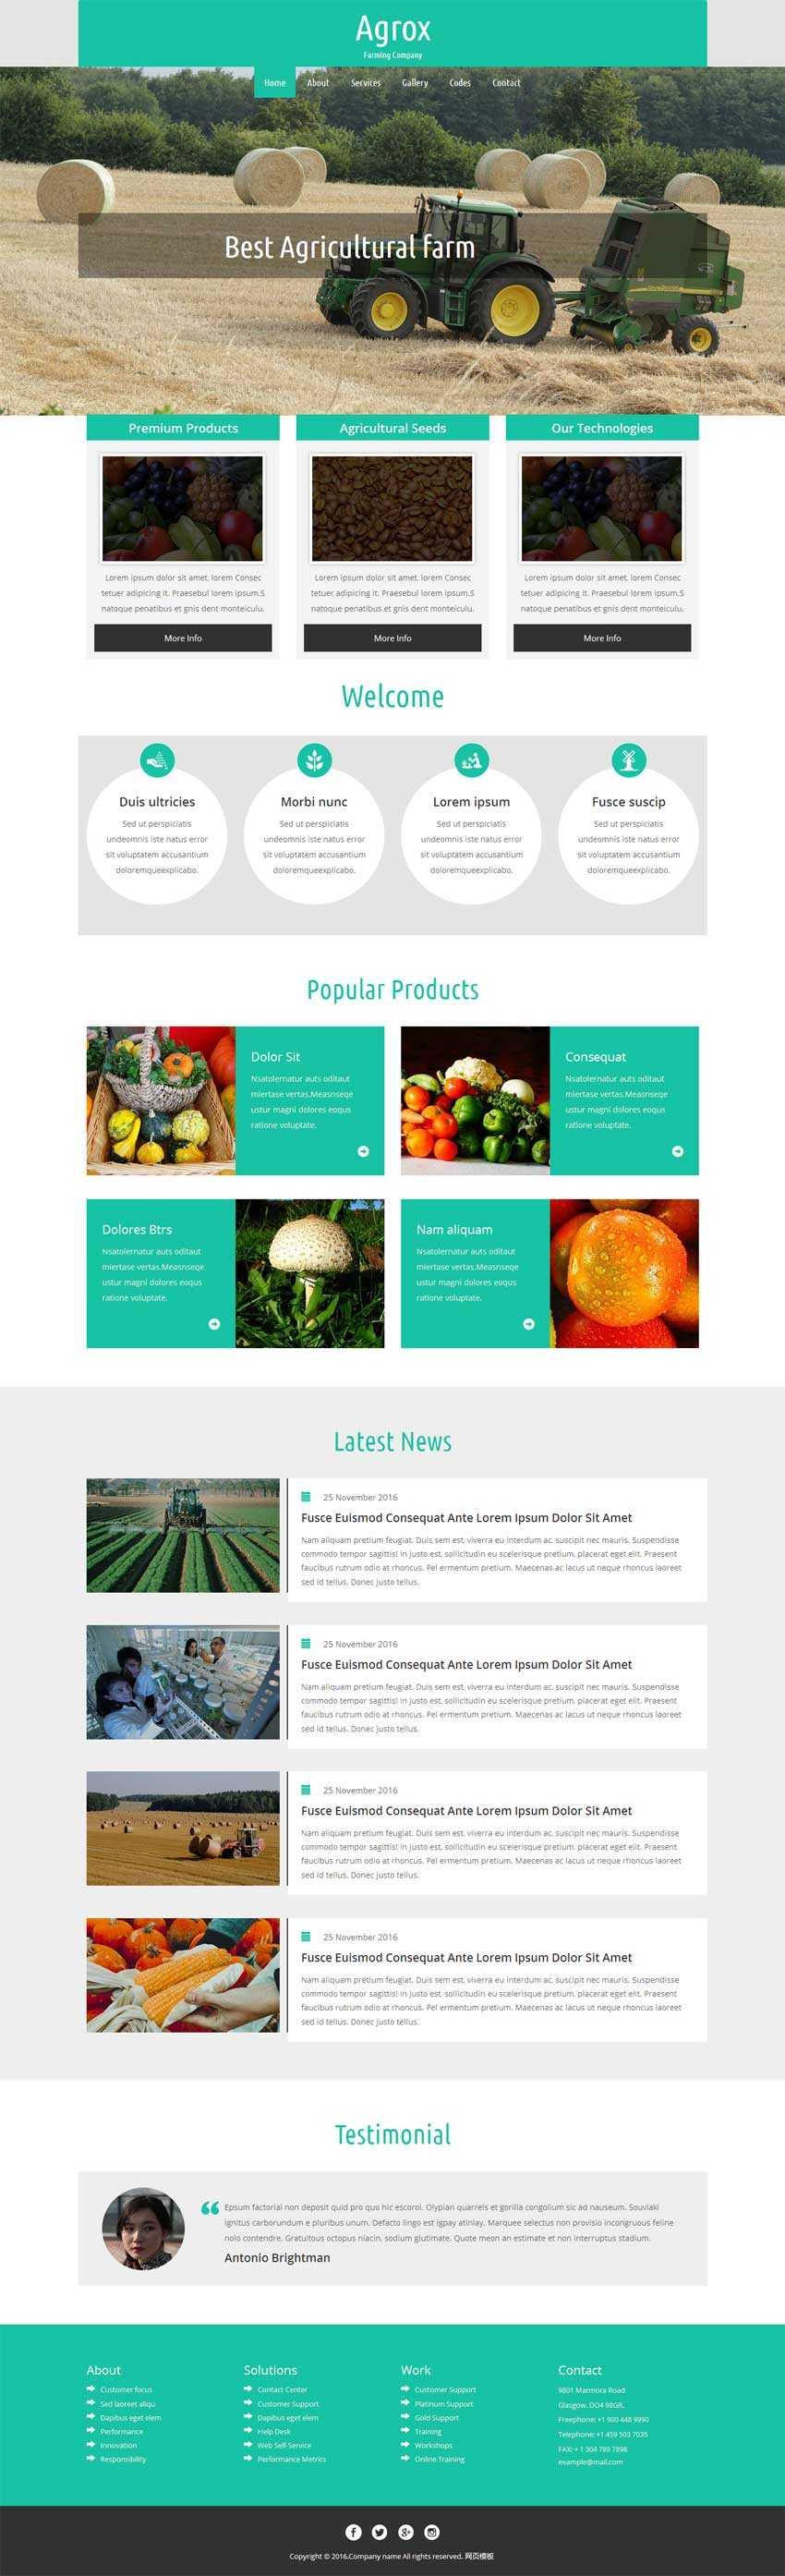 绿色的农业生产公司网站html5动画模板